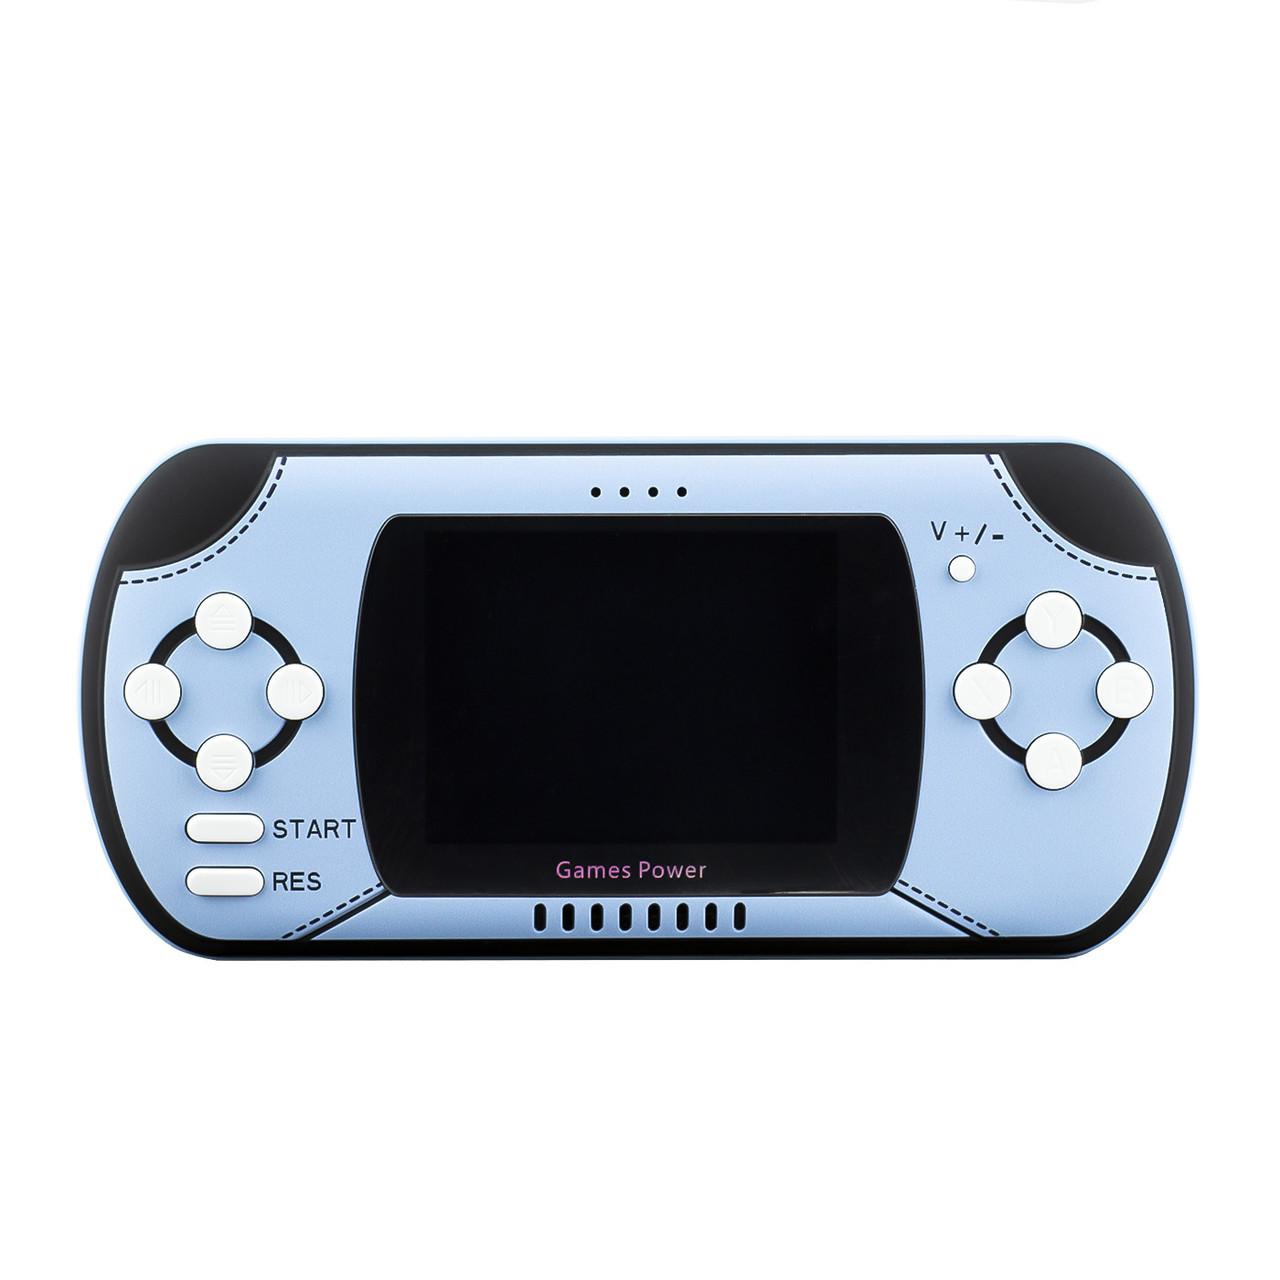 Портативная игровая консоль XGO DY-02B Power Bank 2 в 1 300 Games 10000mAh Blue/Black